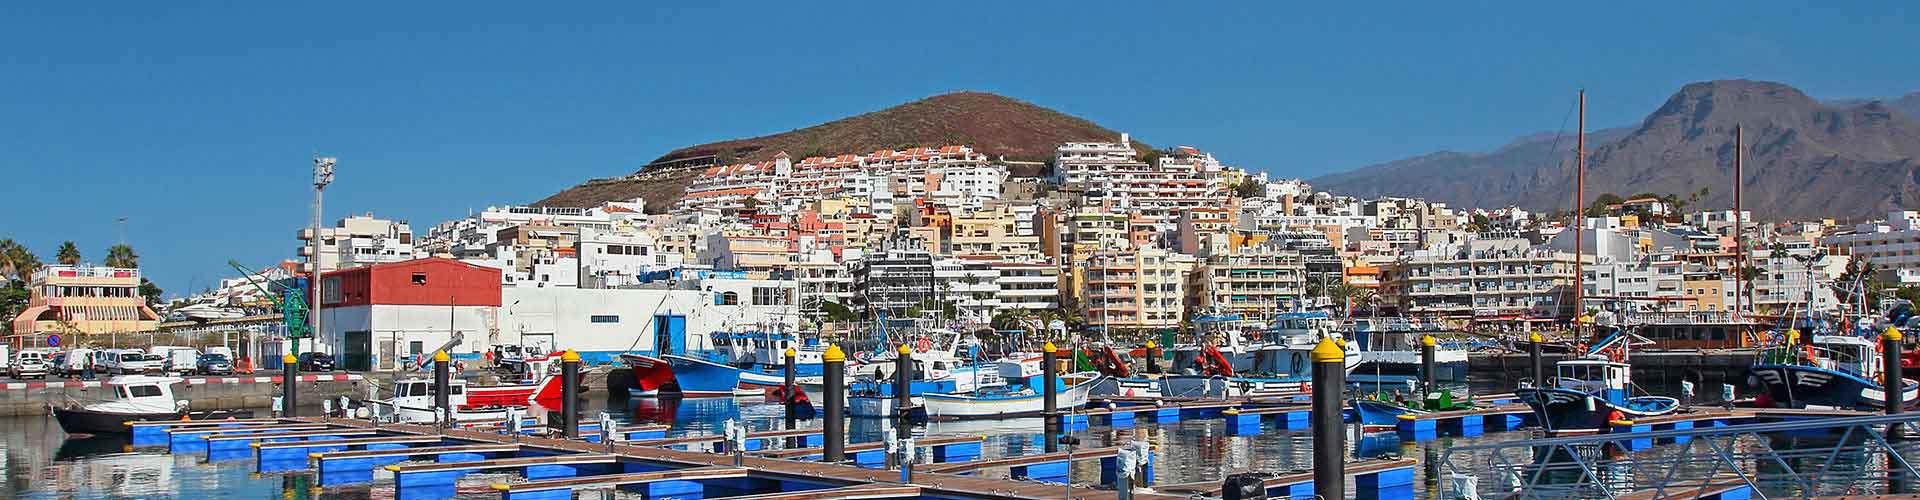 Tenerife - Habitaciones en Tenerife. Mapas de Tenerife, Fotos y comentarios de cada Habitación en Tenerife.